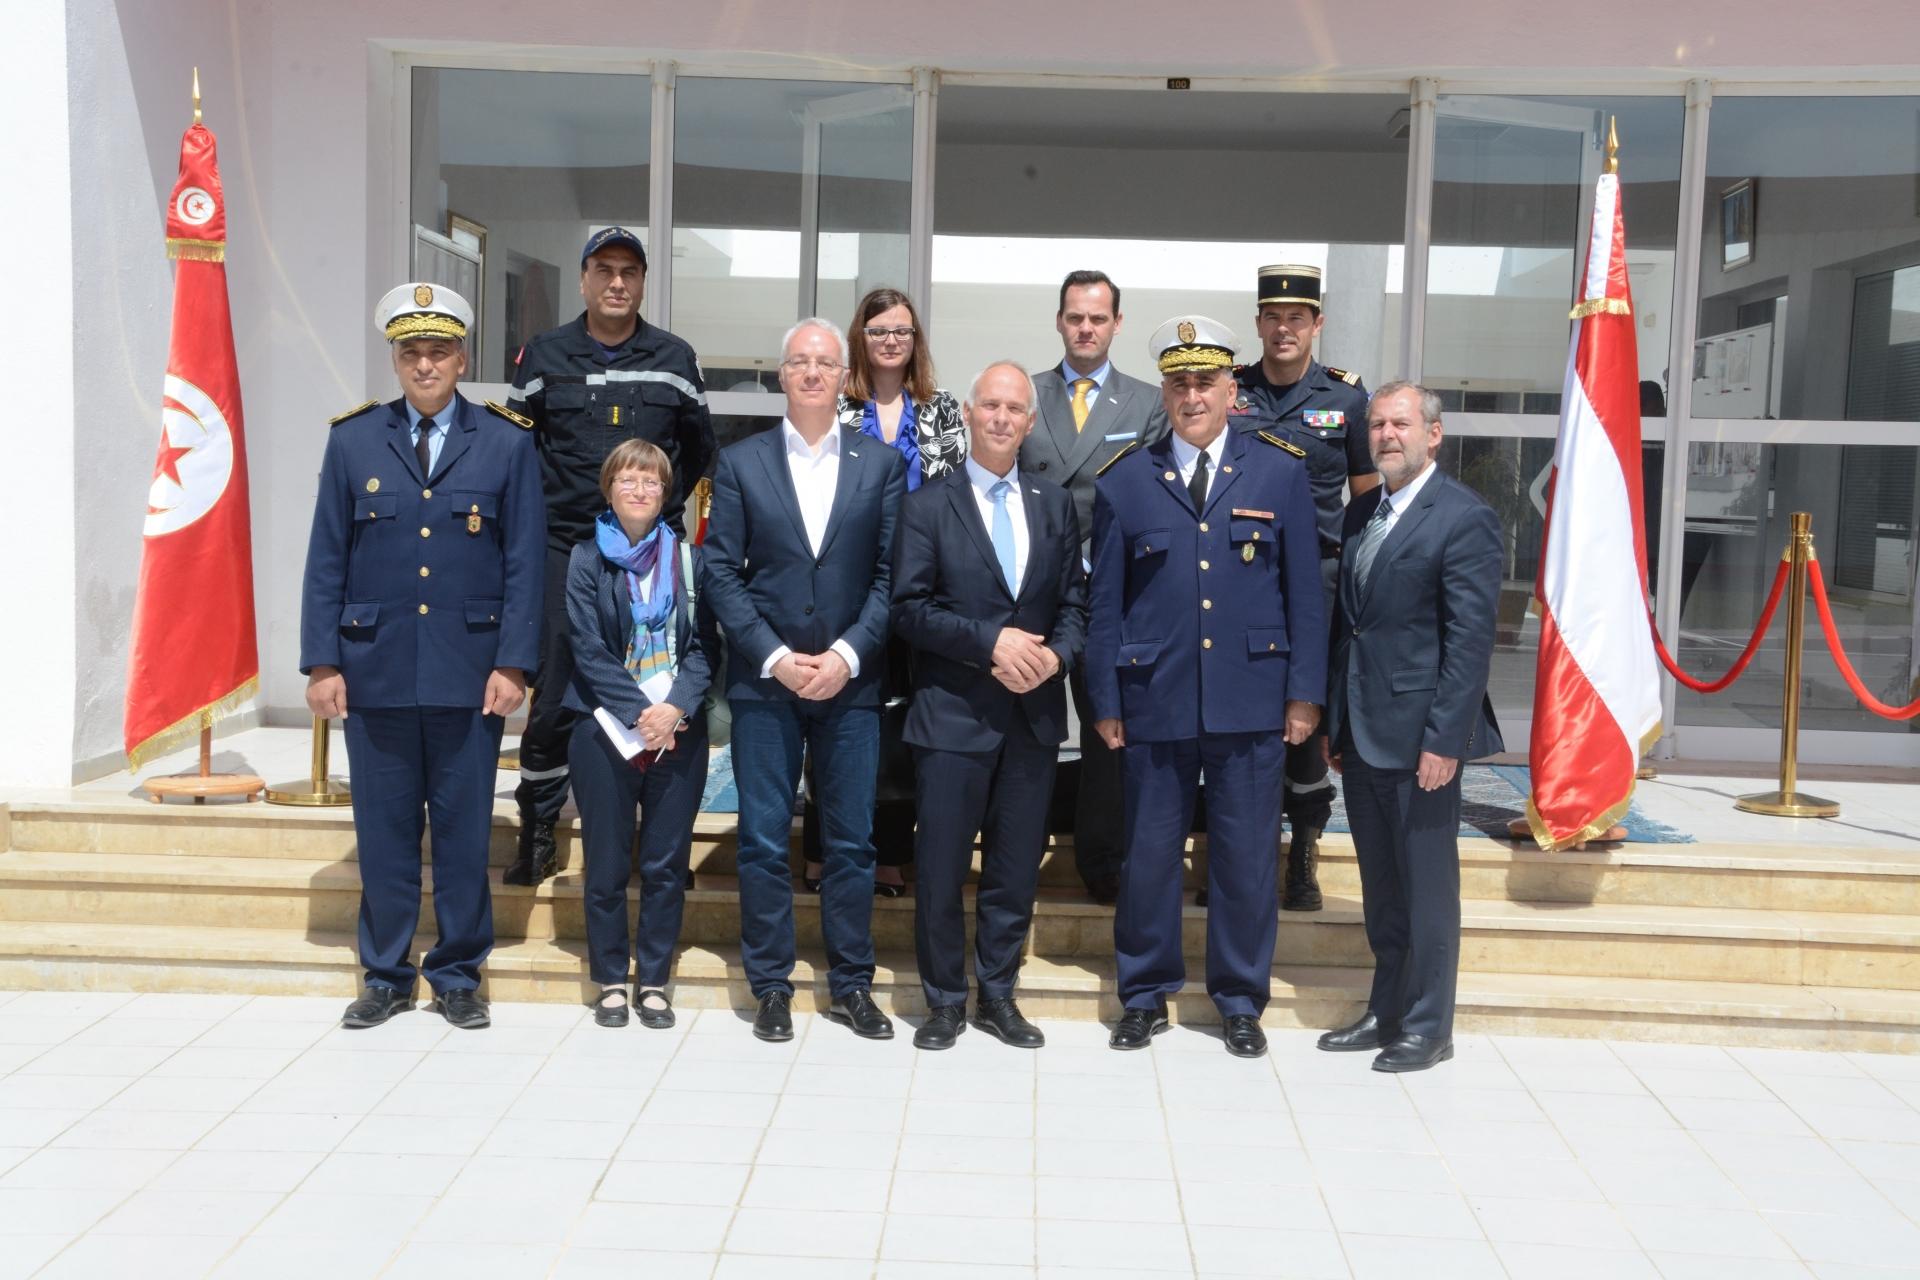 زيارة كاتب الدولة بوزارة الداخلية النمساوية إلى المدرسة الوطنية للحماية المدنية